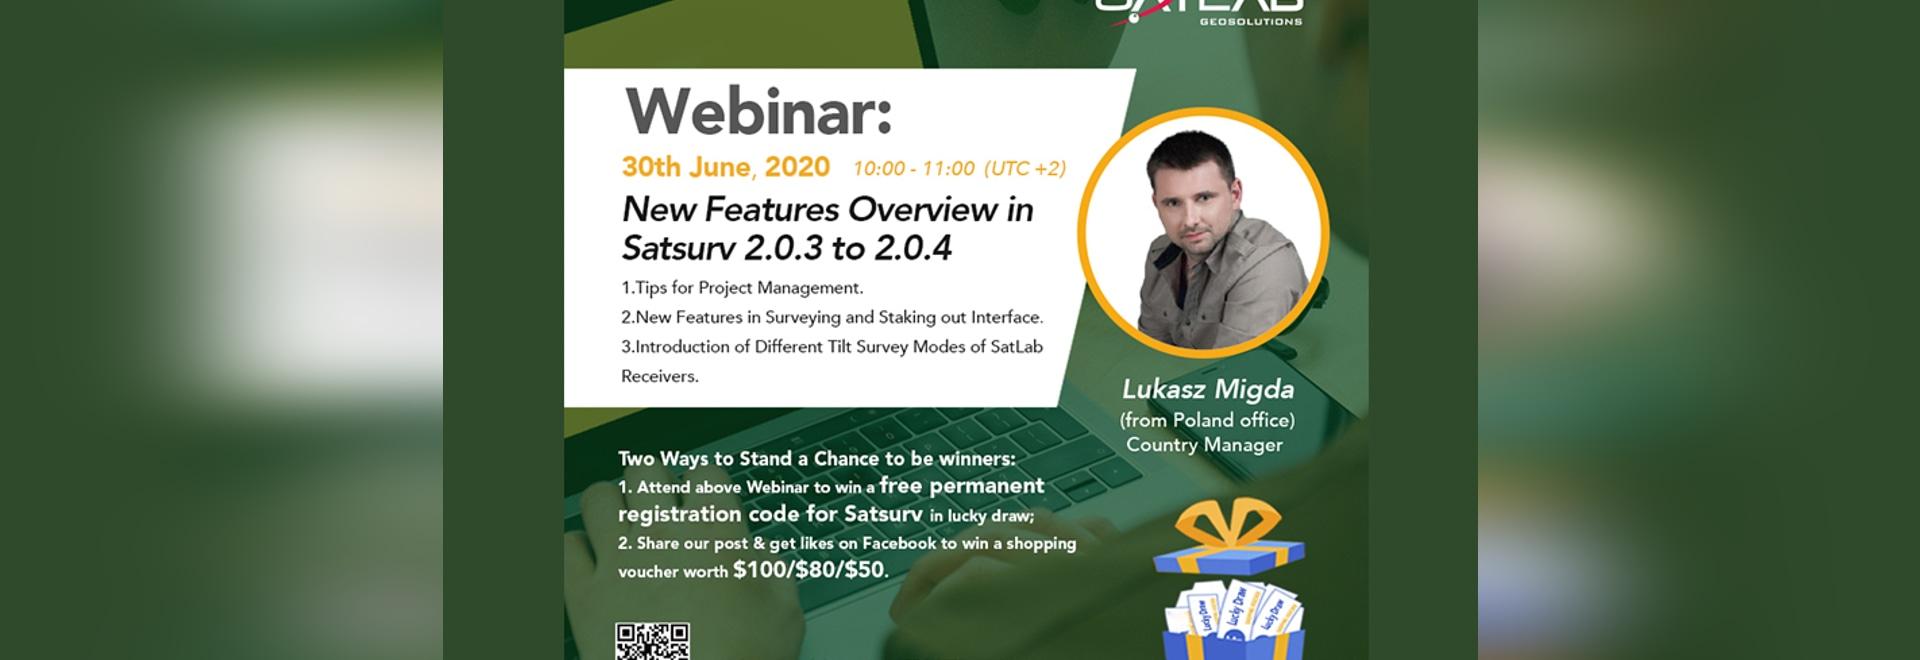 【SatLab Webinar】 Übersicht über neue Funktionen in Satsurv 2.0.3 bis 2.0.4